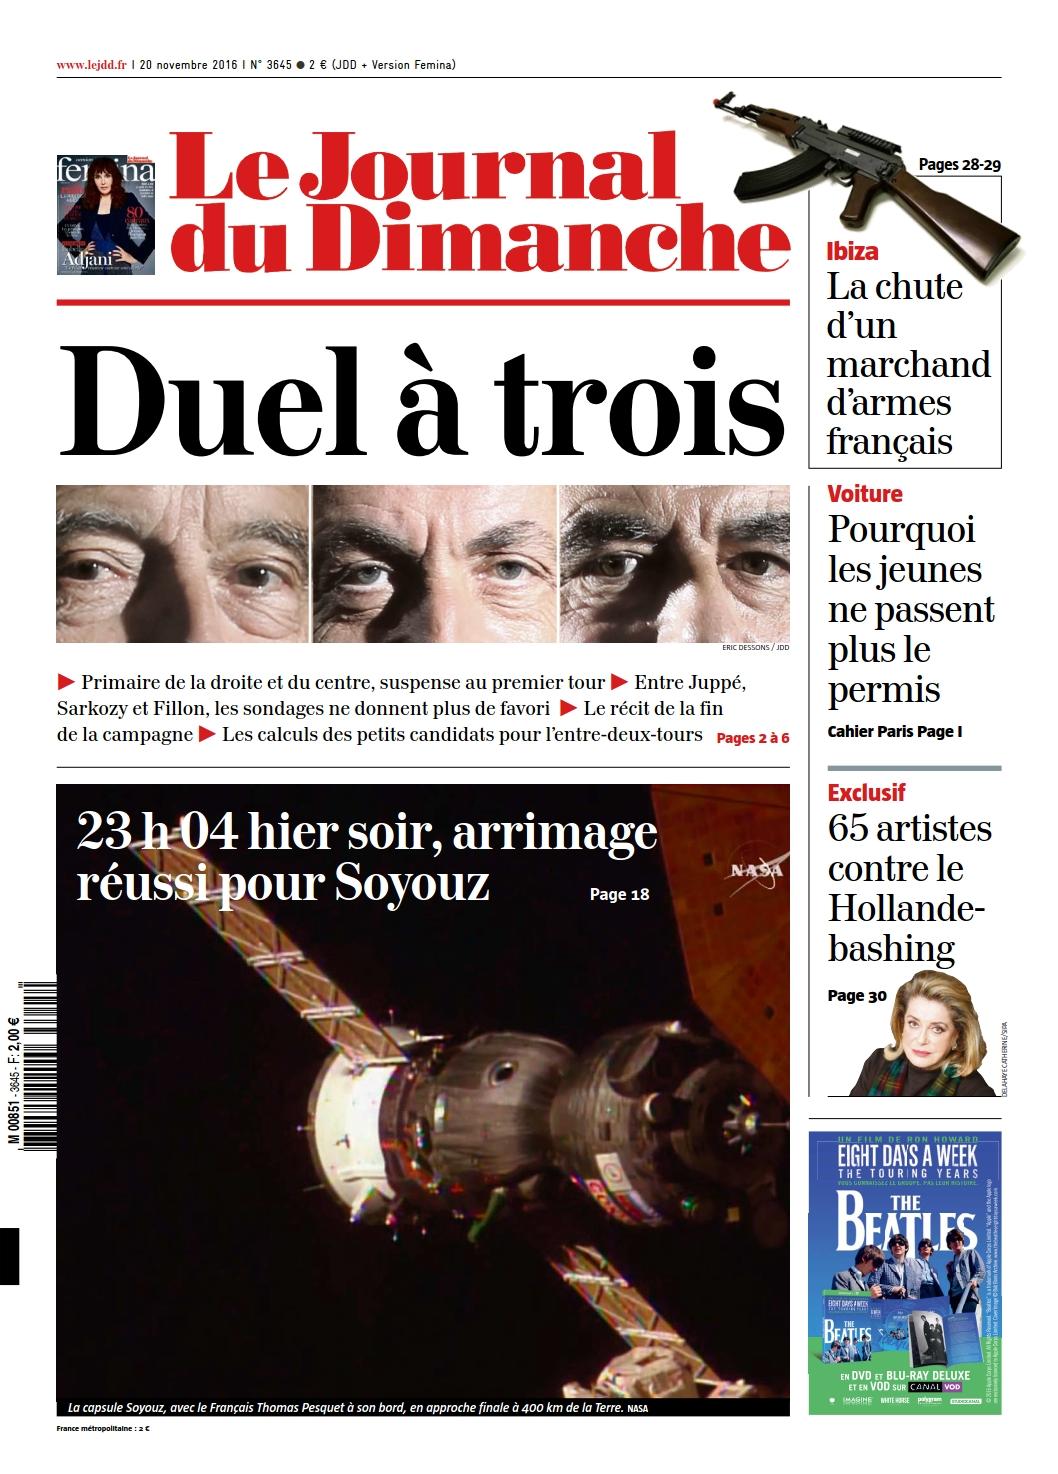 Le Journal du Dimanche 3645 du 20 Novembre 2016